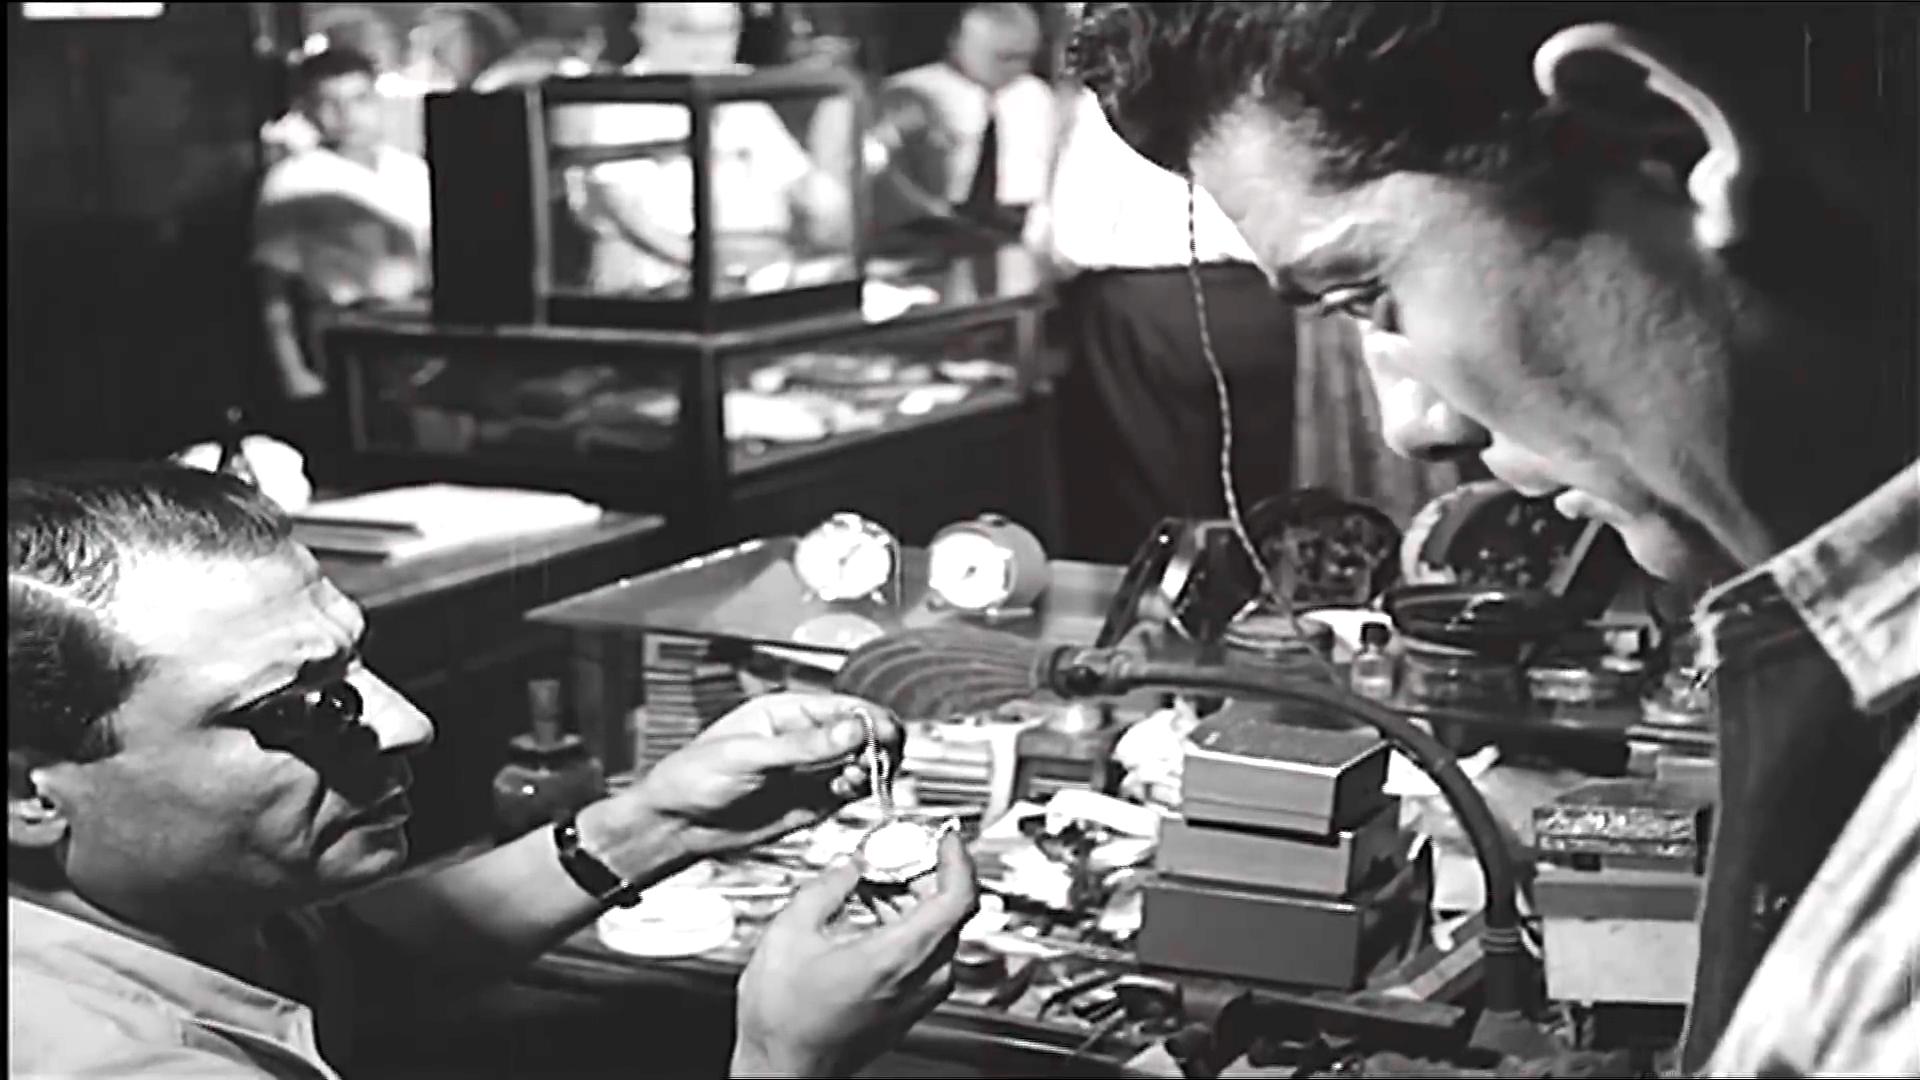 [فيلم][تورنت][تحميل][رجل في حياتي][1961][1080p][Web-DL] 3 arabp2p.com